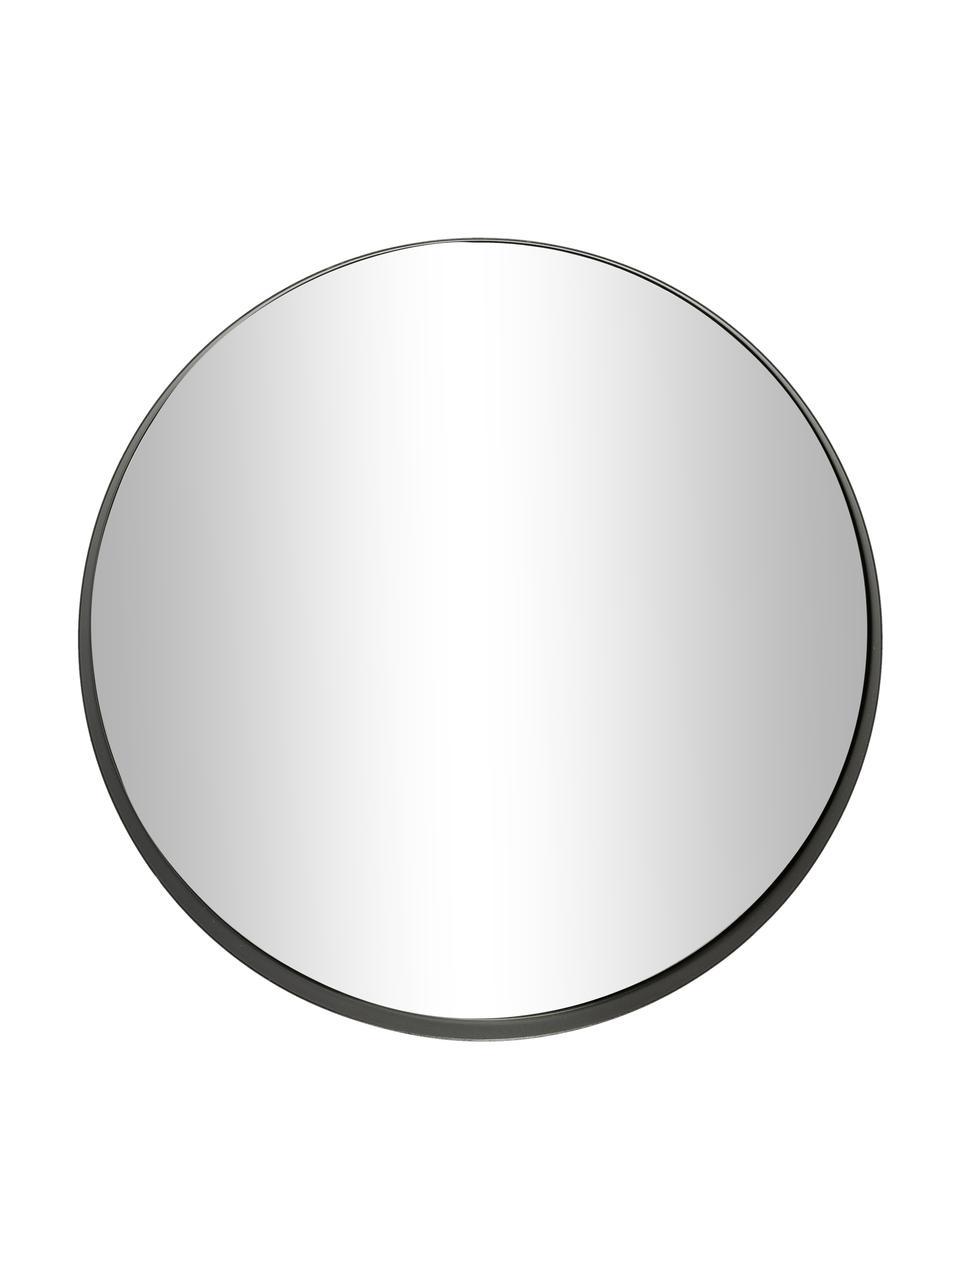 Lustro ścienne Metal, Rama: czarny Szkło lustrzane, Ø 30 cm